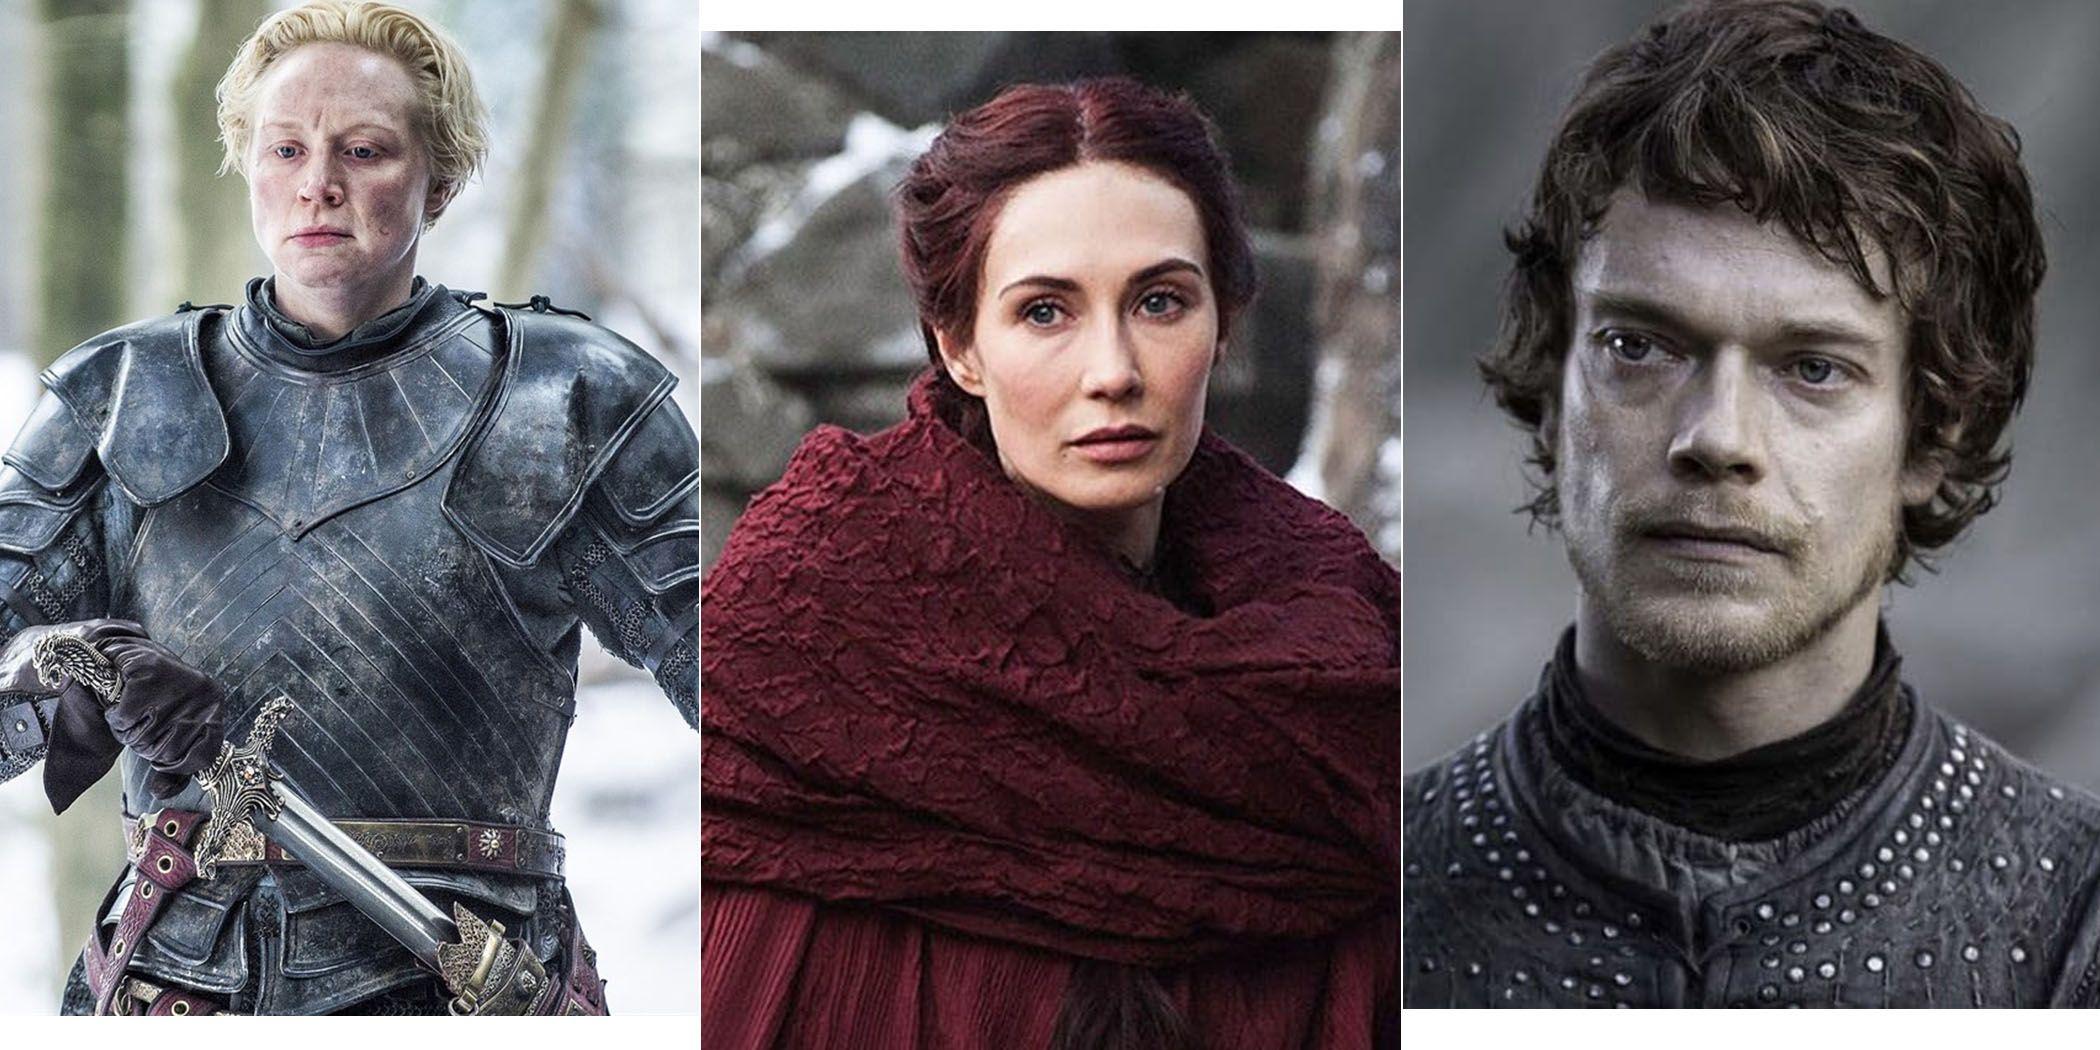 Juego de Tronos: 3 actores pagan para ser nominados a Emmys 2019